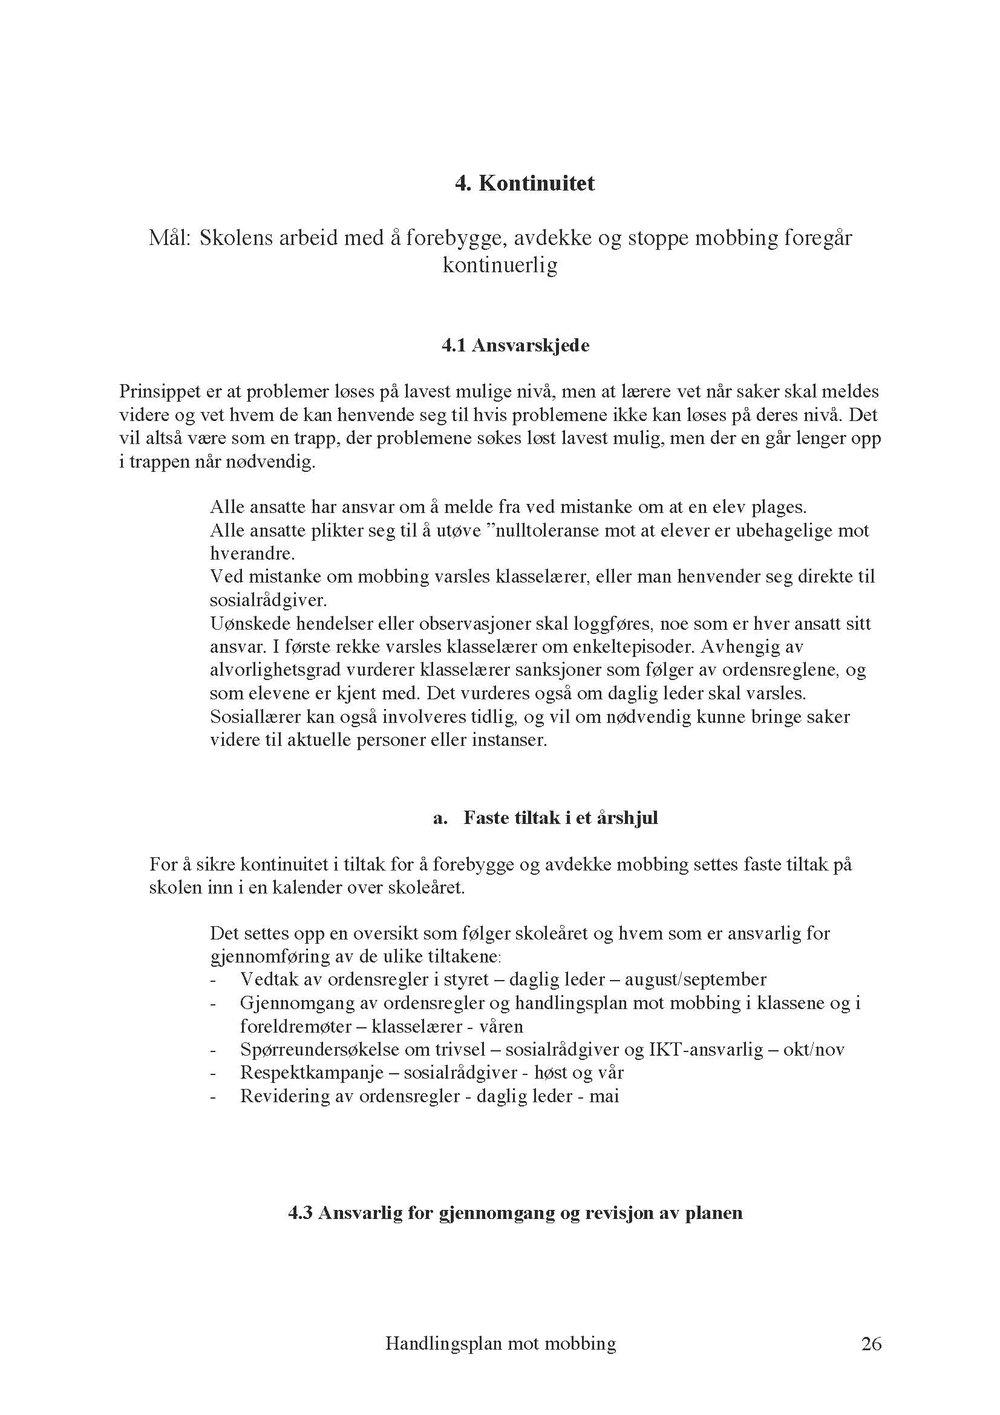 Handlingsplan mot mobbing _Page_26.jpg